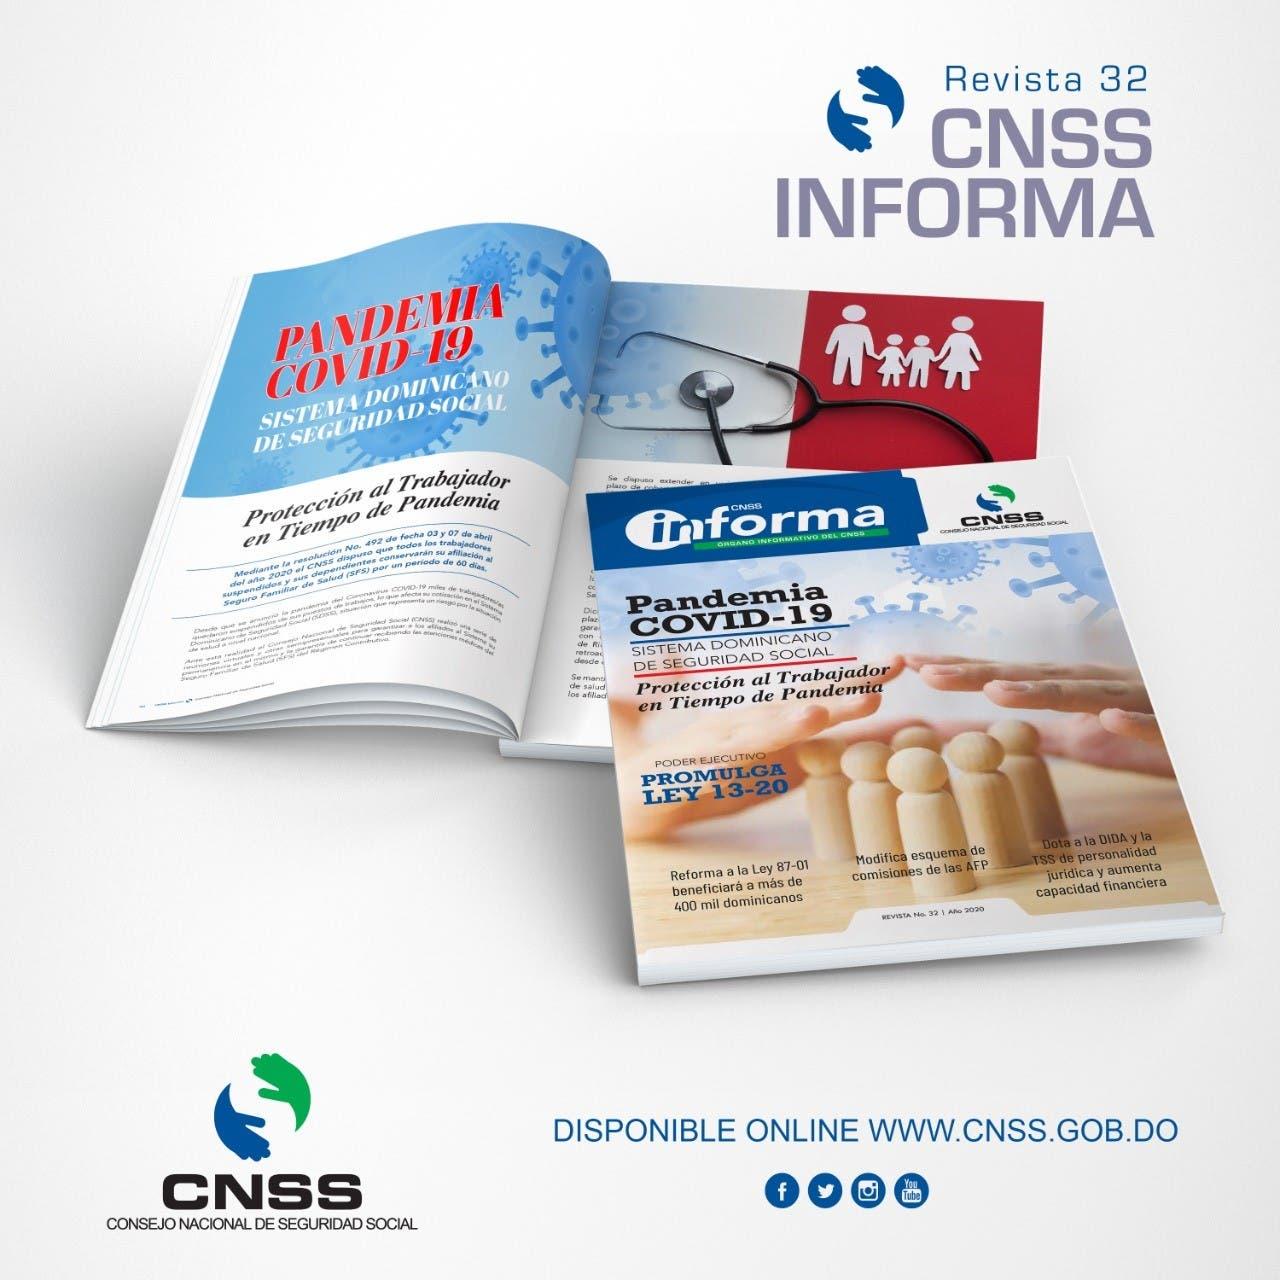 """CNSS pone en circulación revista no. 32 """"CNSS Informa"""""""